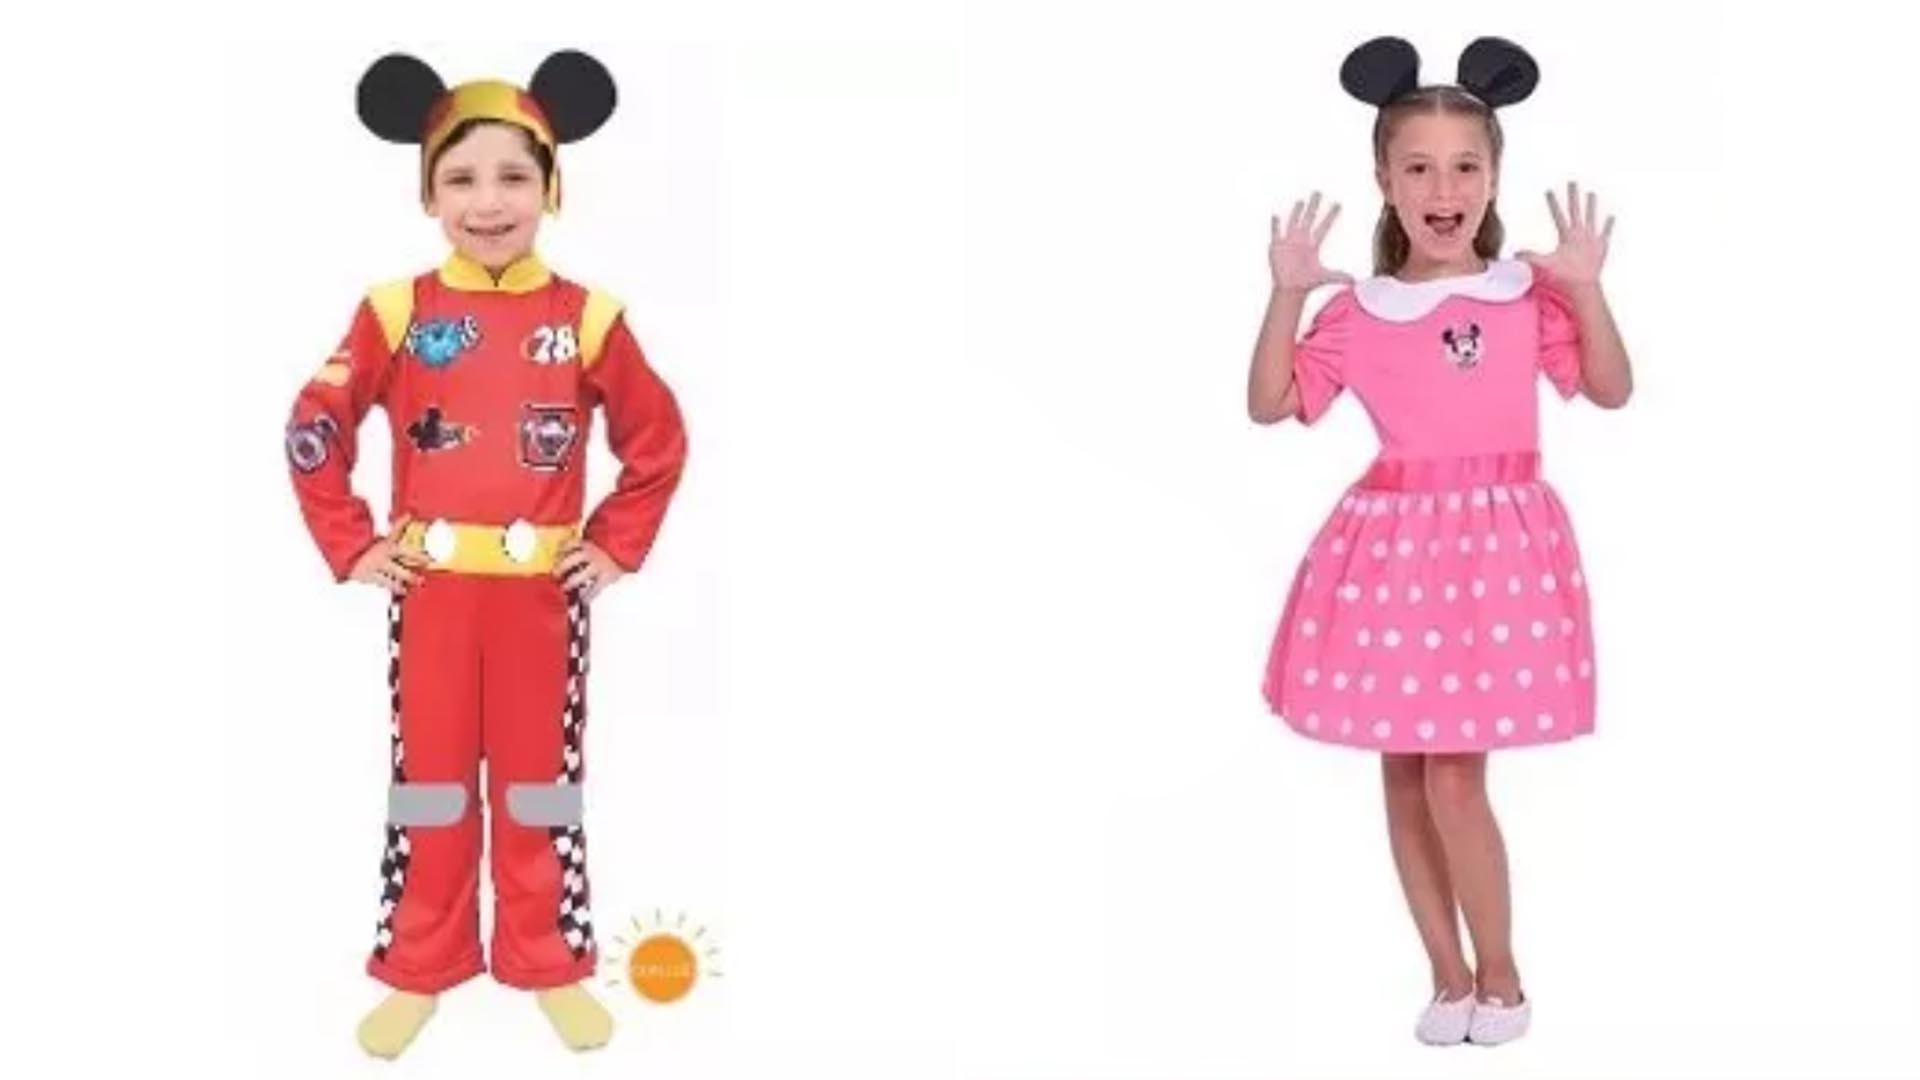 Disfraz con luces de personajes: Mickey $724 vs. Minnie $1.215